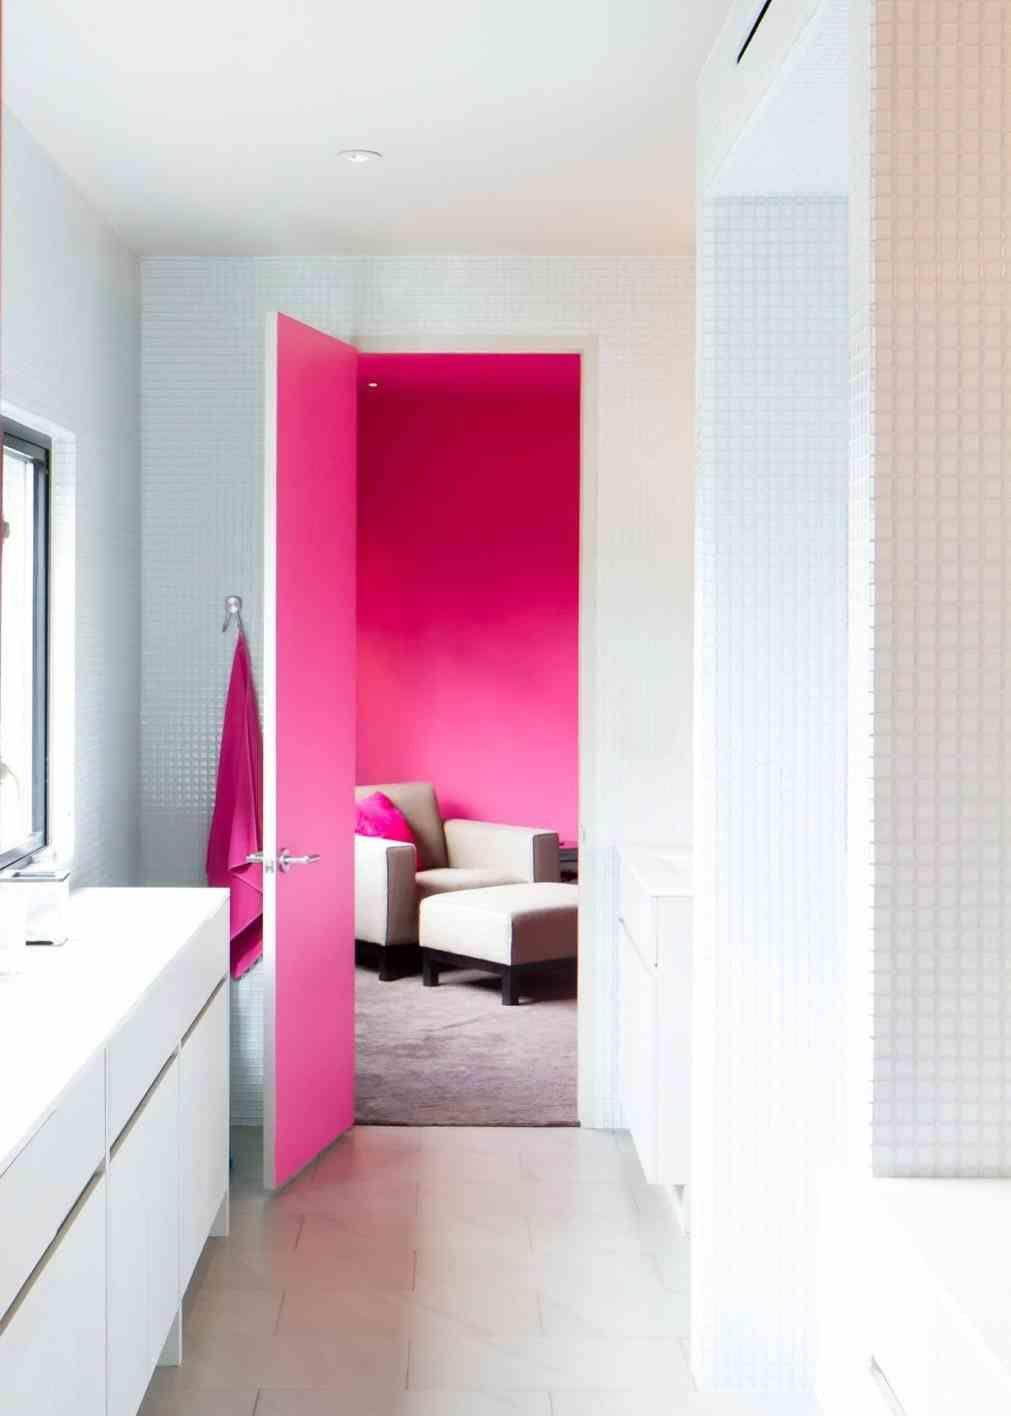 hot pink bathroom decor | Home Ideas | Pinterest | Hot pink ...